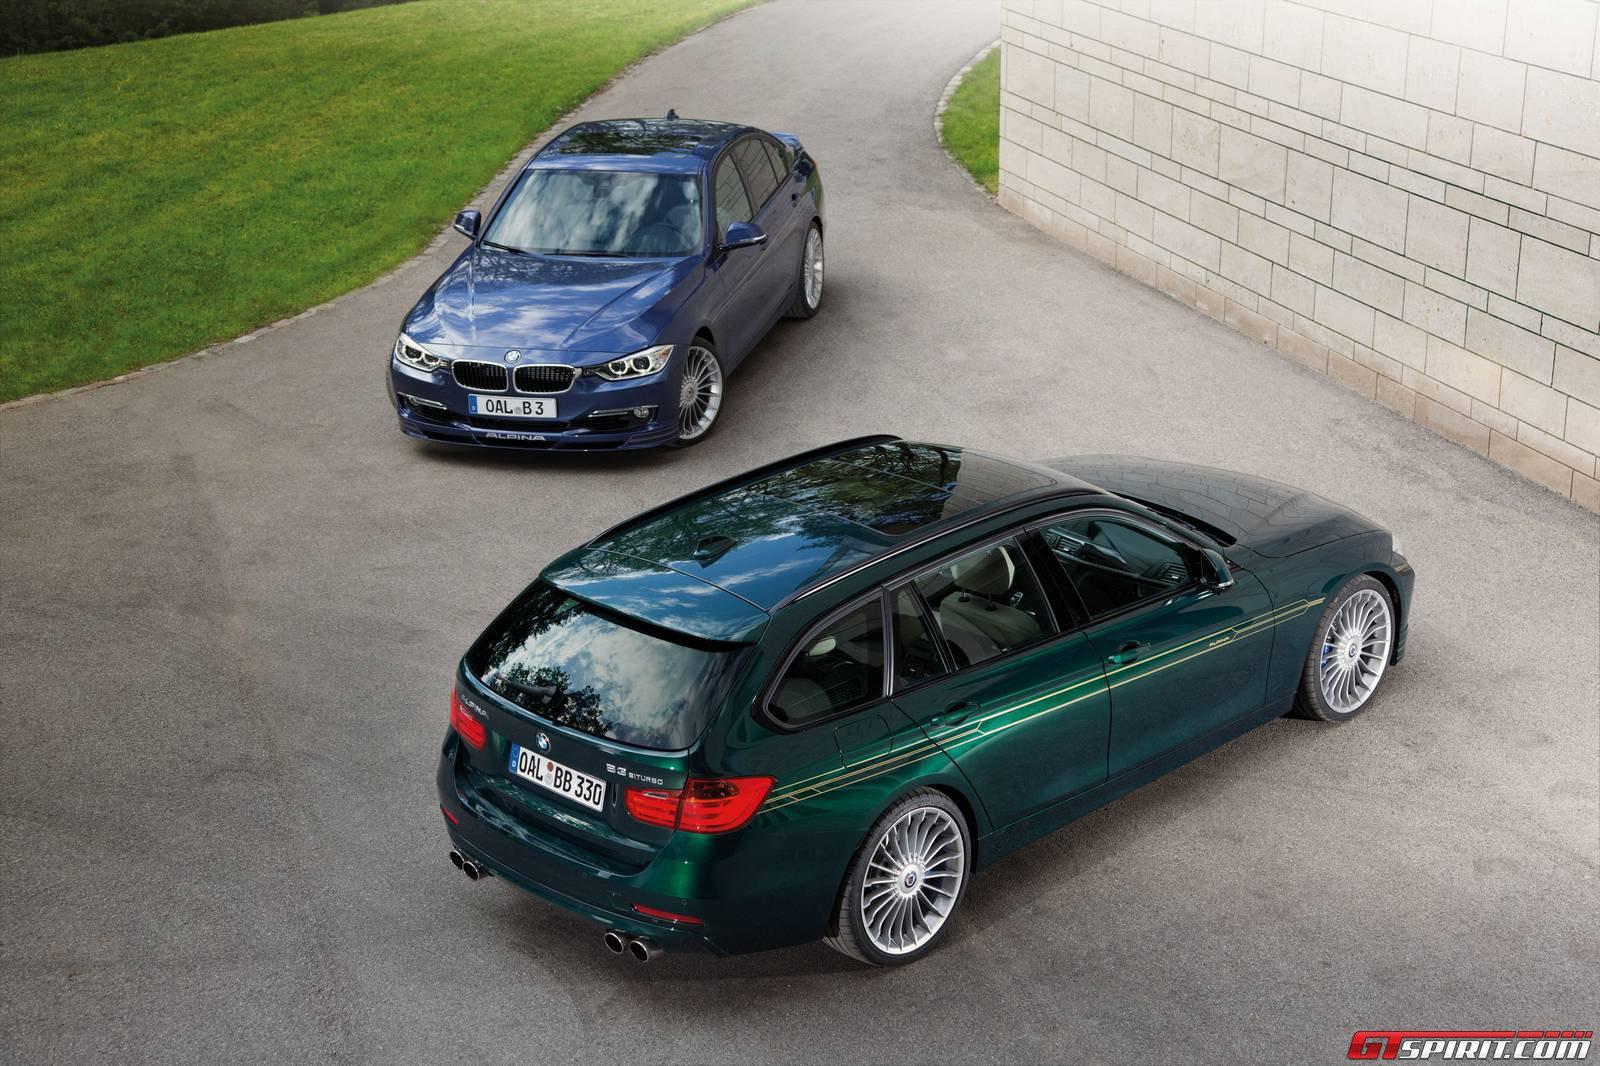 Alpina D3 Bi Turbo Is World S Fastest Diesel Production Car Gtspirit